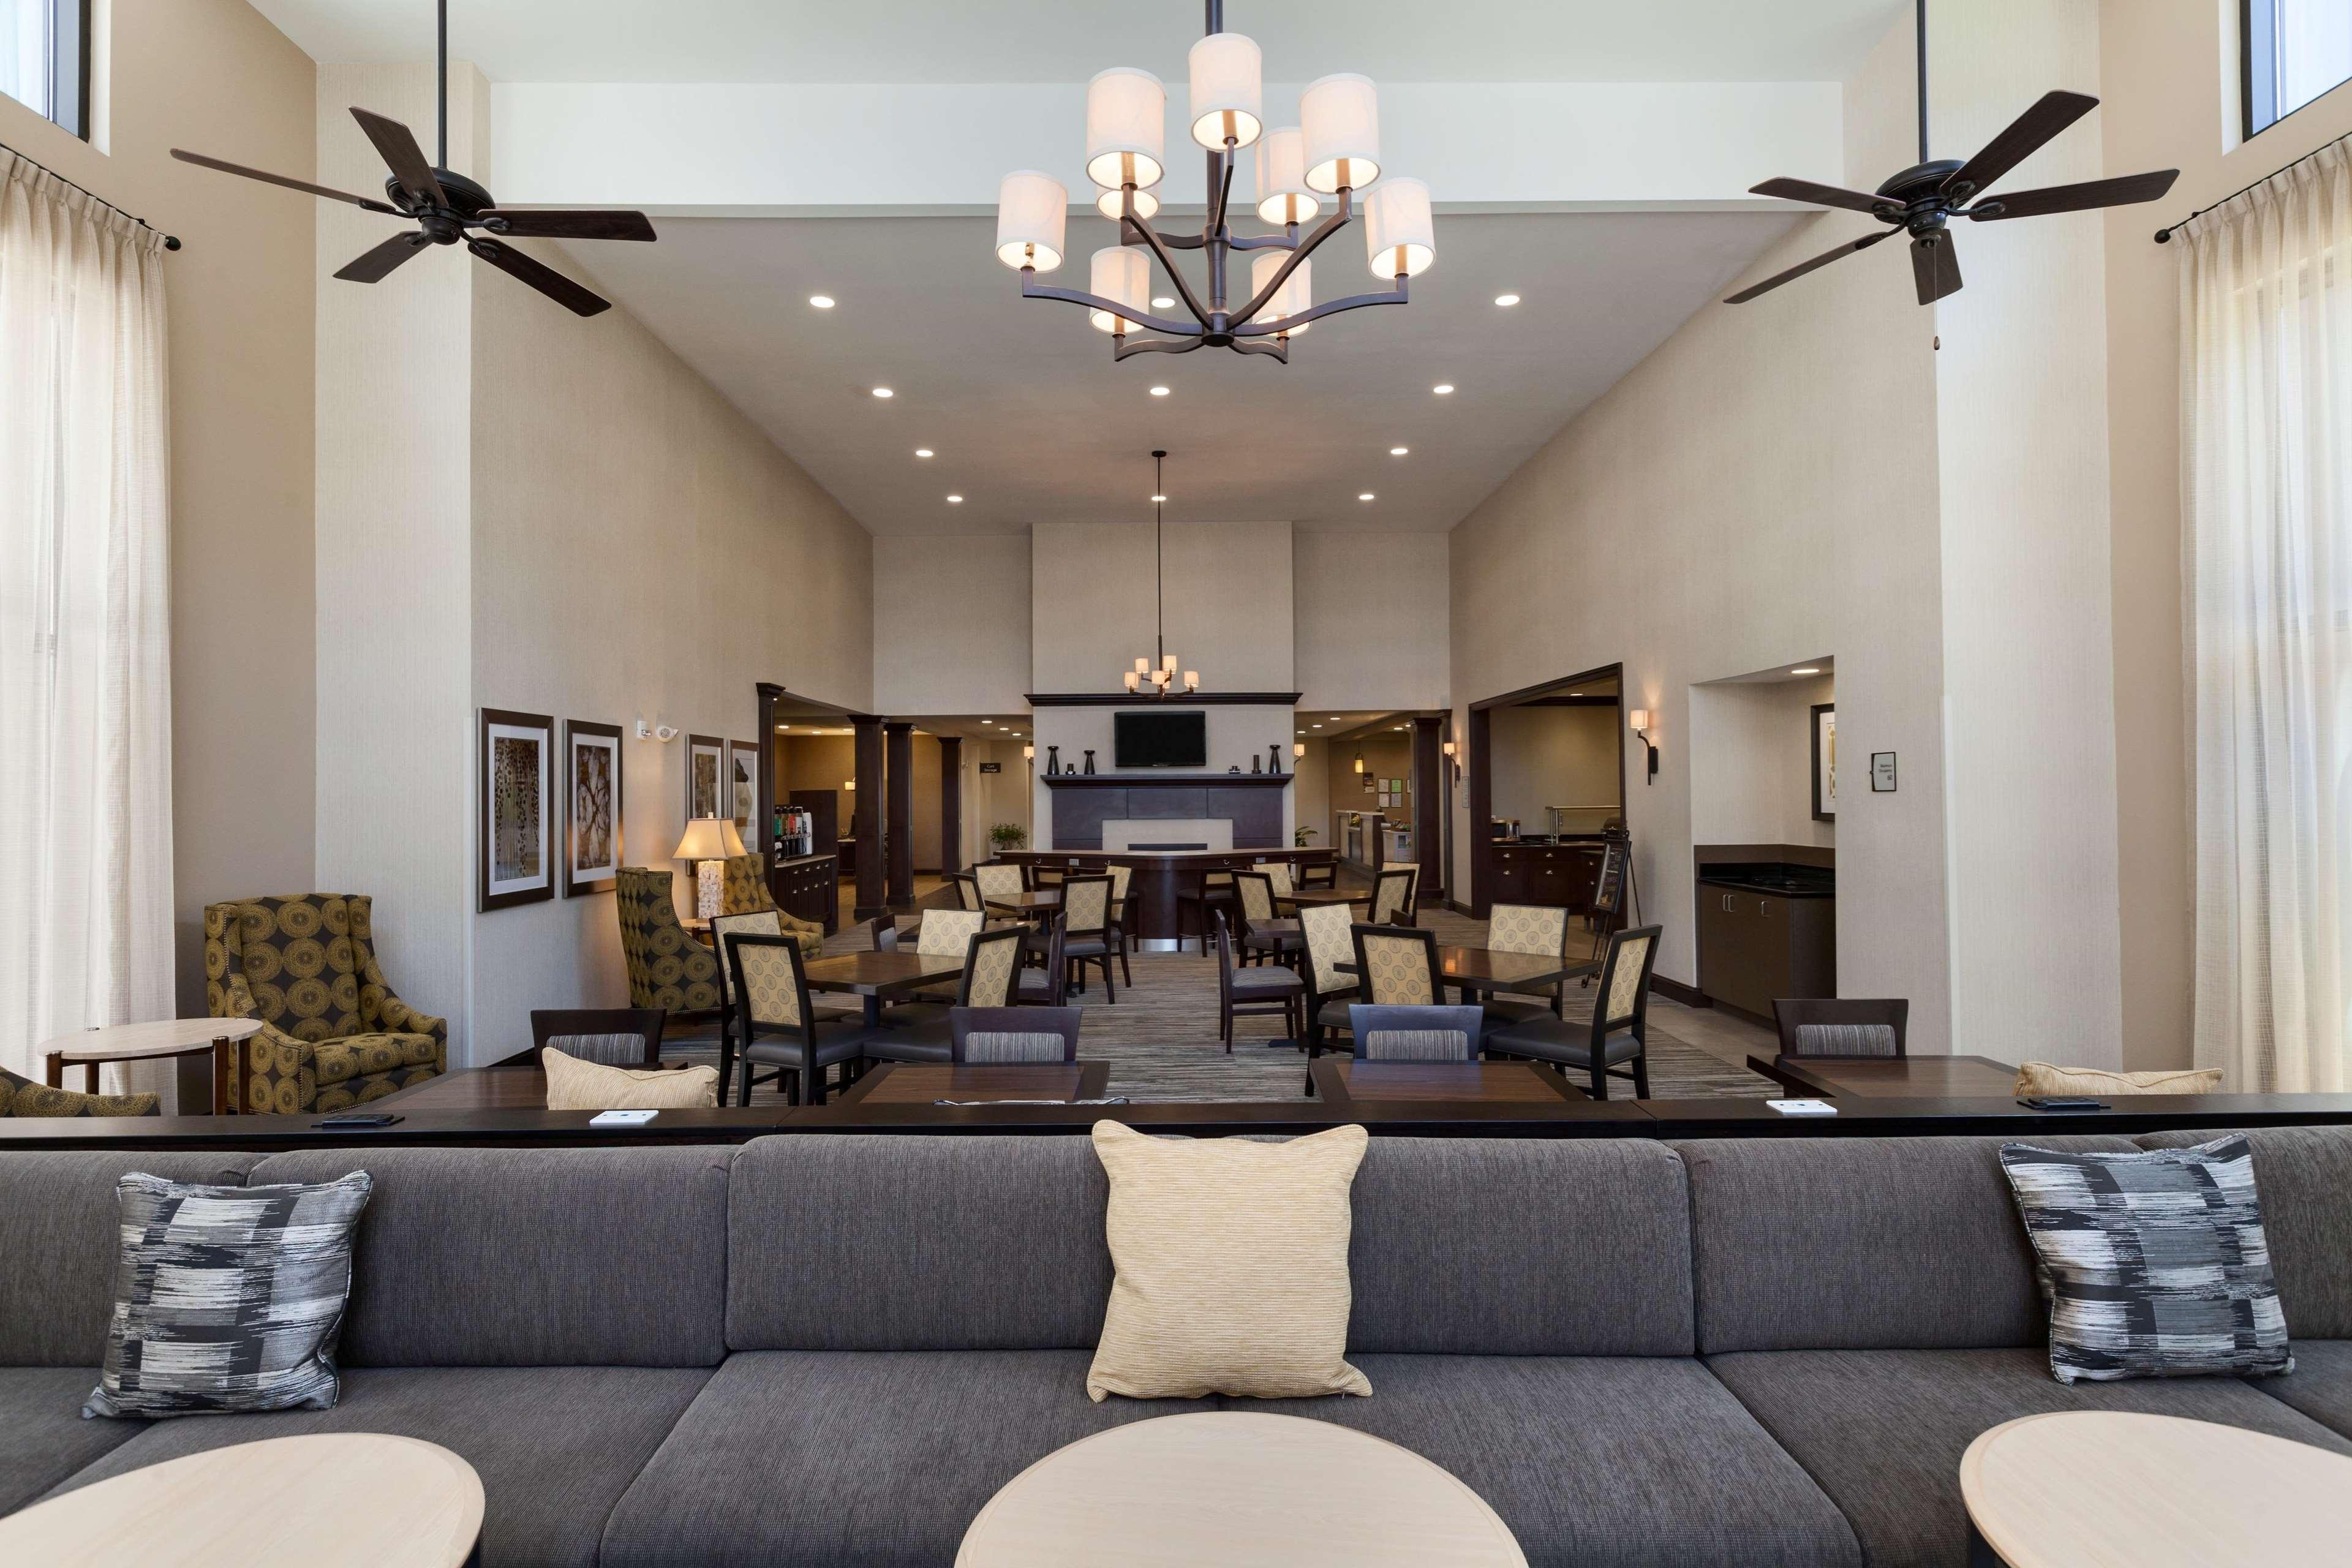 Homewood Suites by Hilton Huntsville-Downtown, AL image 4